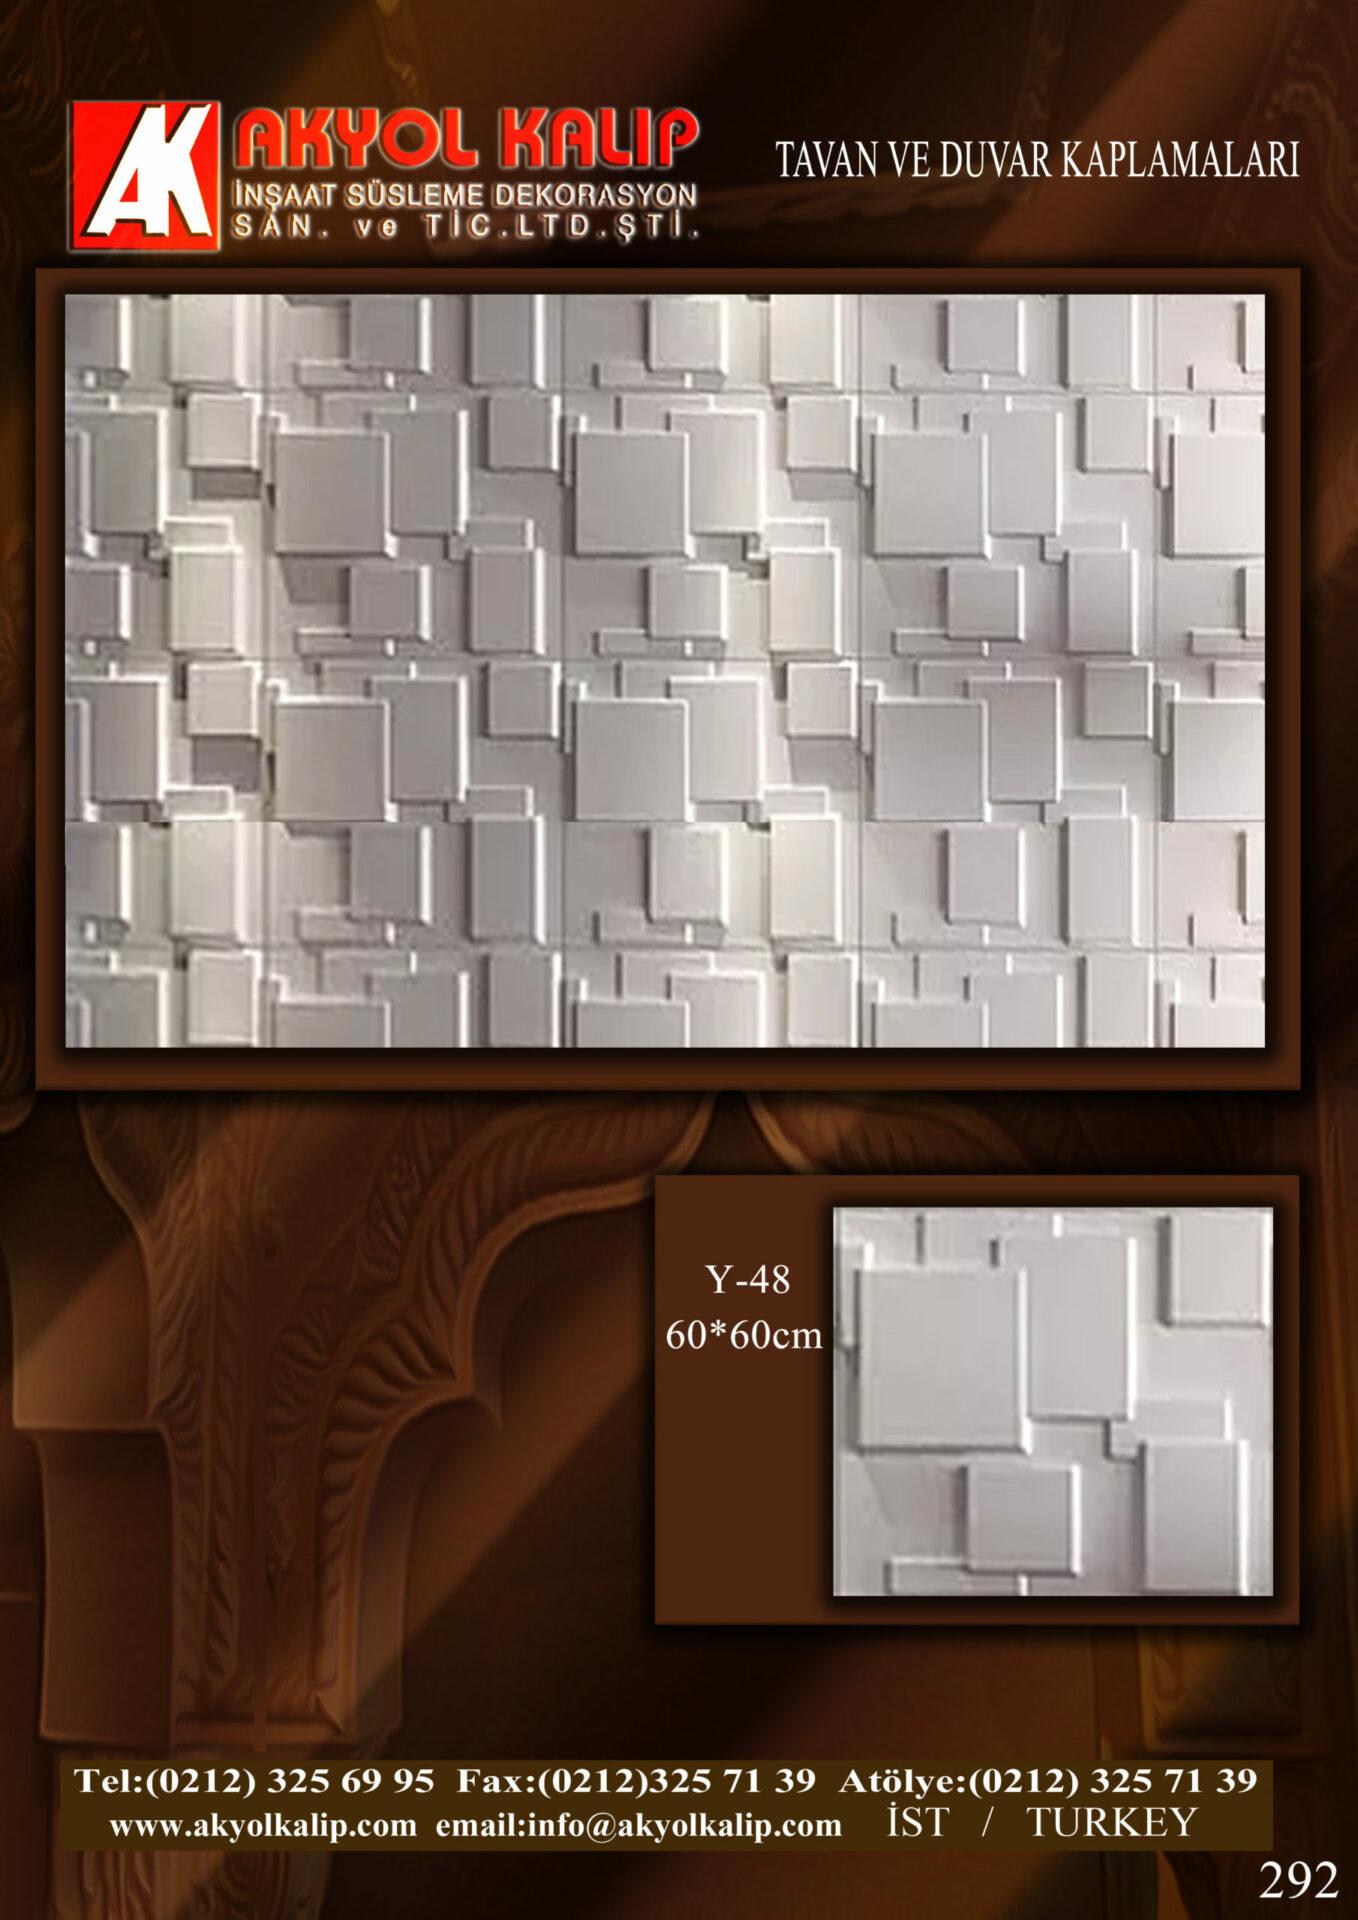 3d alçı silikonlu duvar kaplama kalıpları, dekoratif duvar kaplama modelleri, dekoratif duvar 3 boyutlu tavan ve duvar kaplama kalıpları ışık kırıcı kaplama modelleri ve kalıpları dekoratif duvar ve tavan süsleri kalıpları